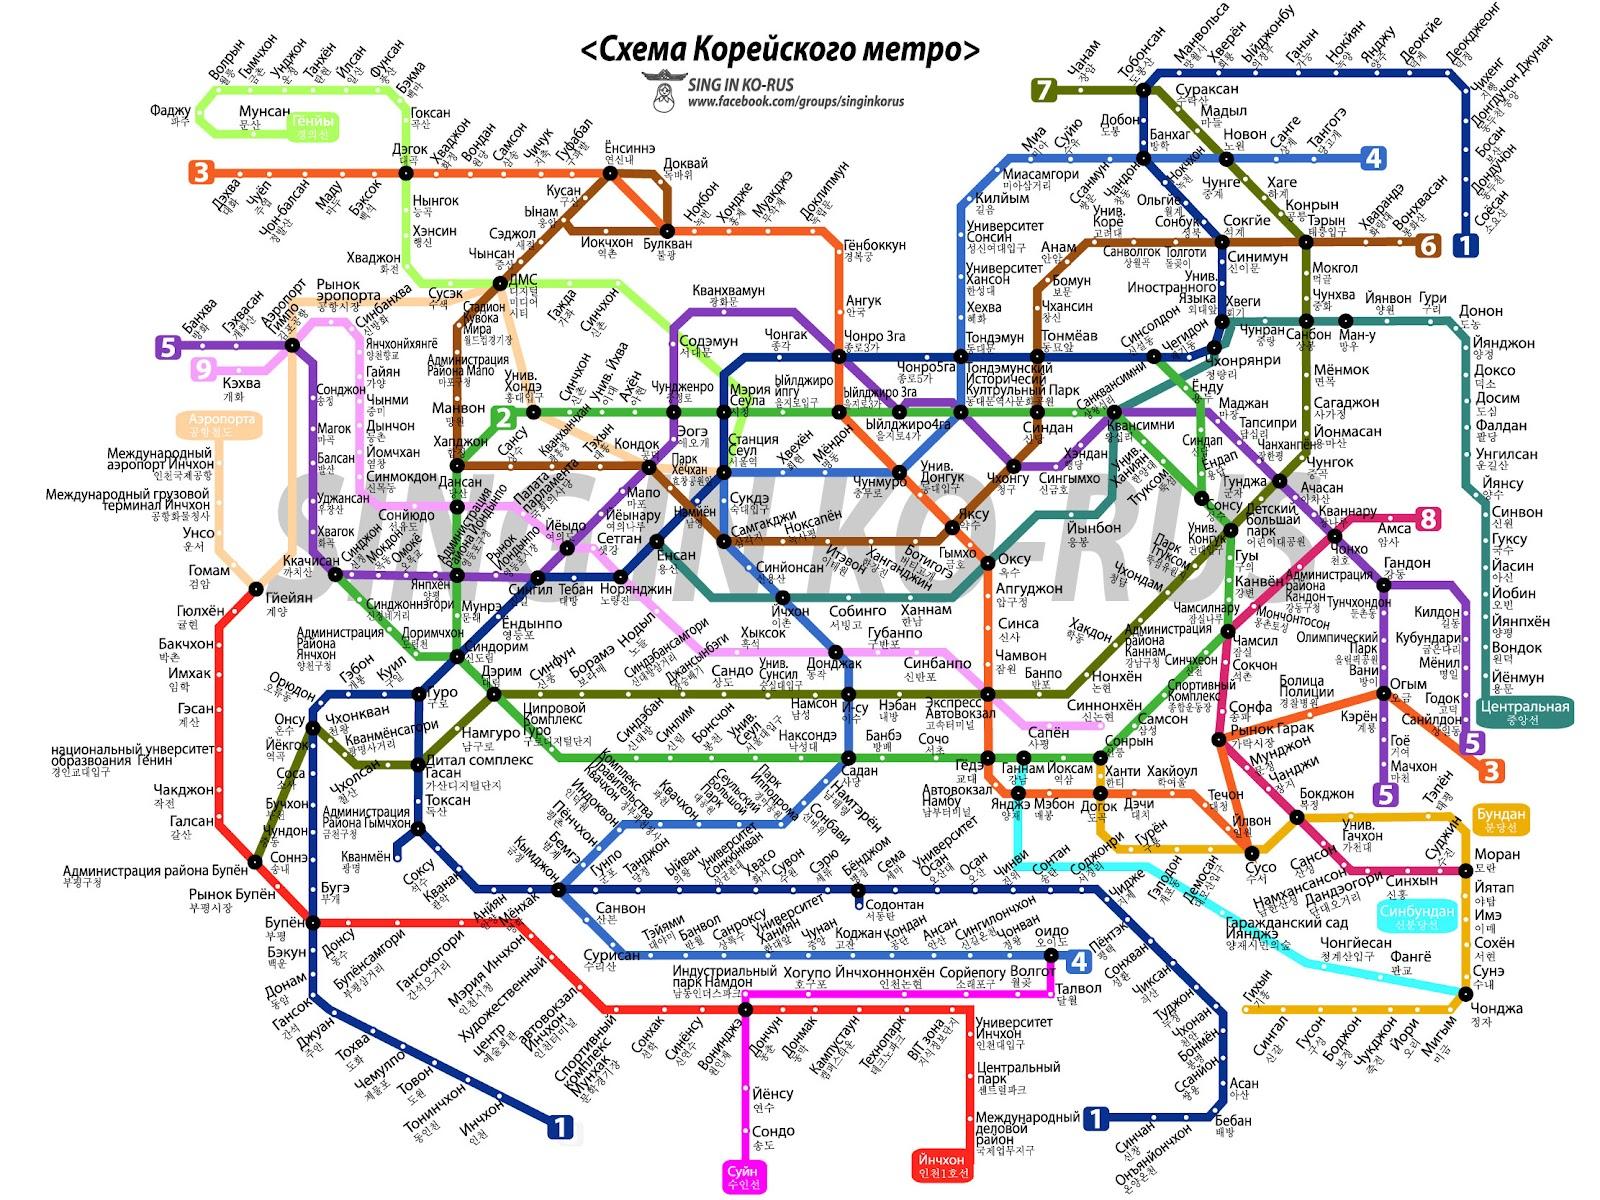 Схема метро сеула на русском языке